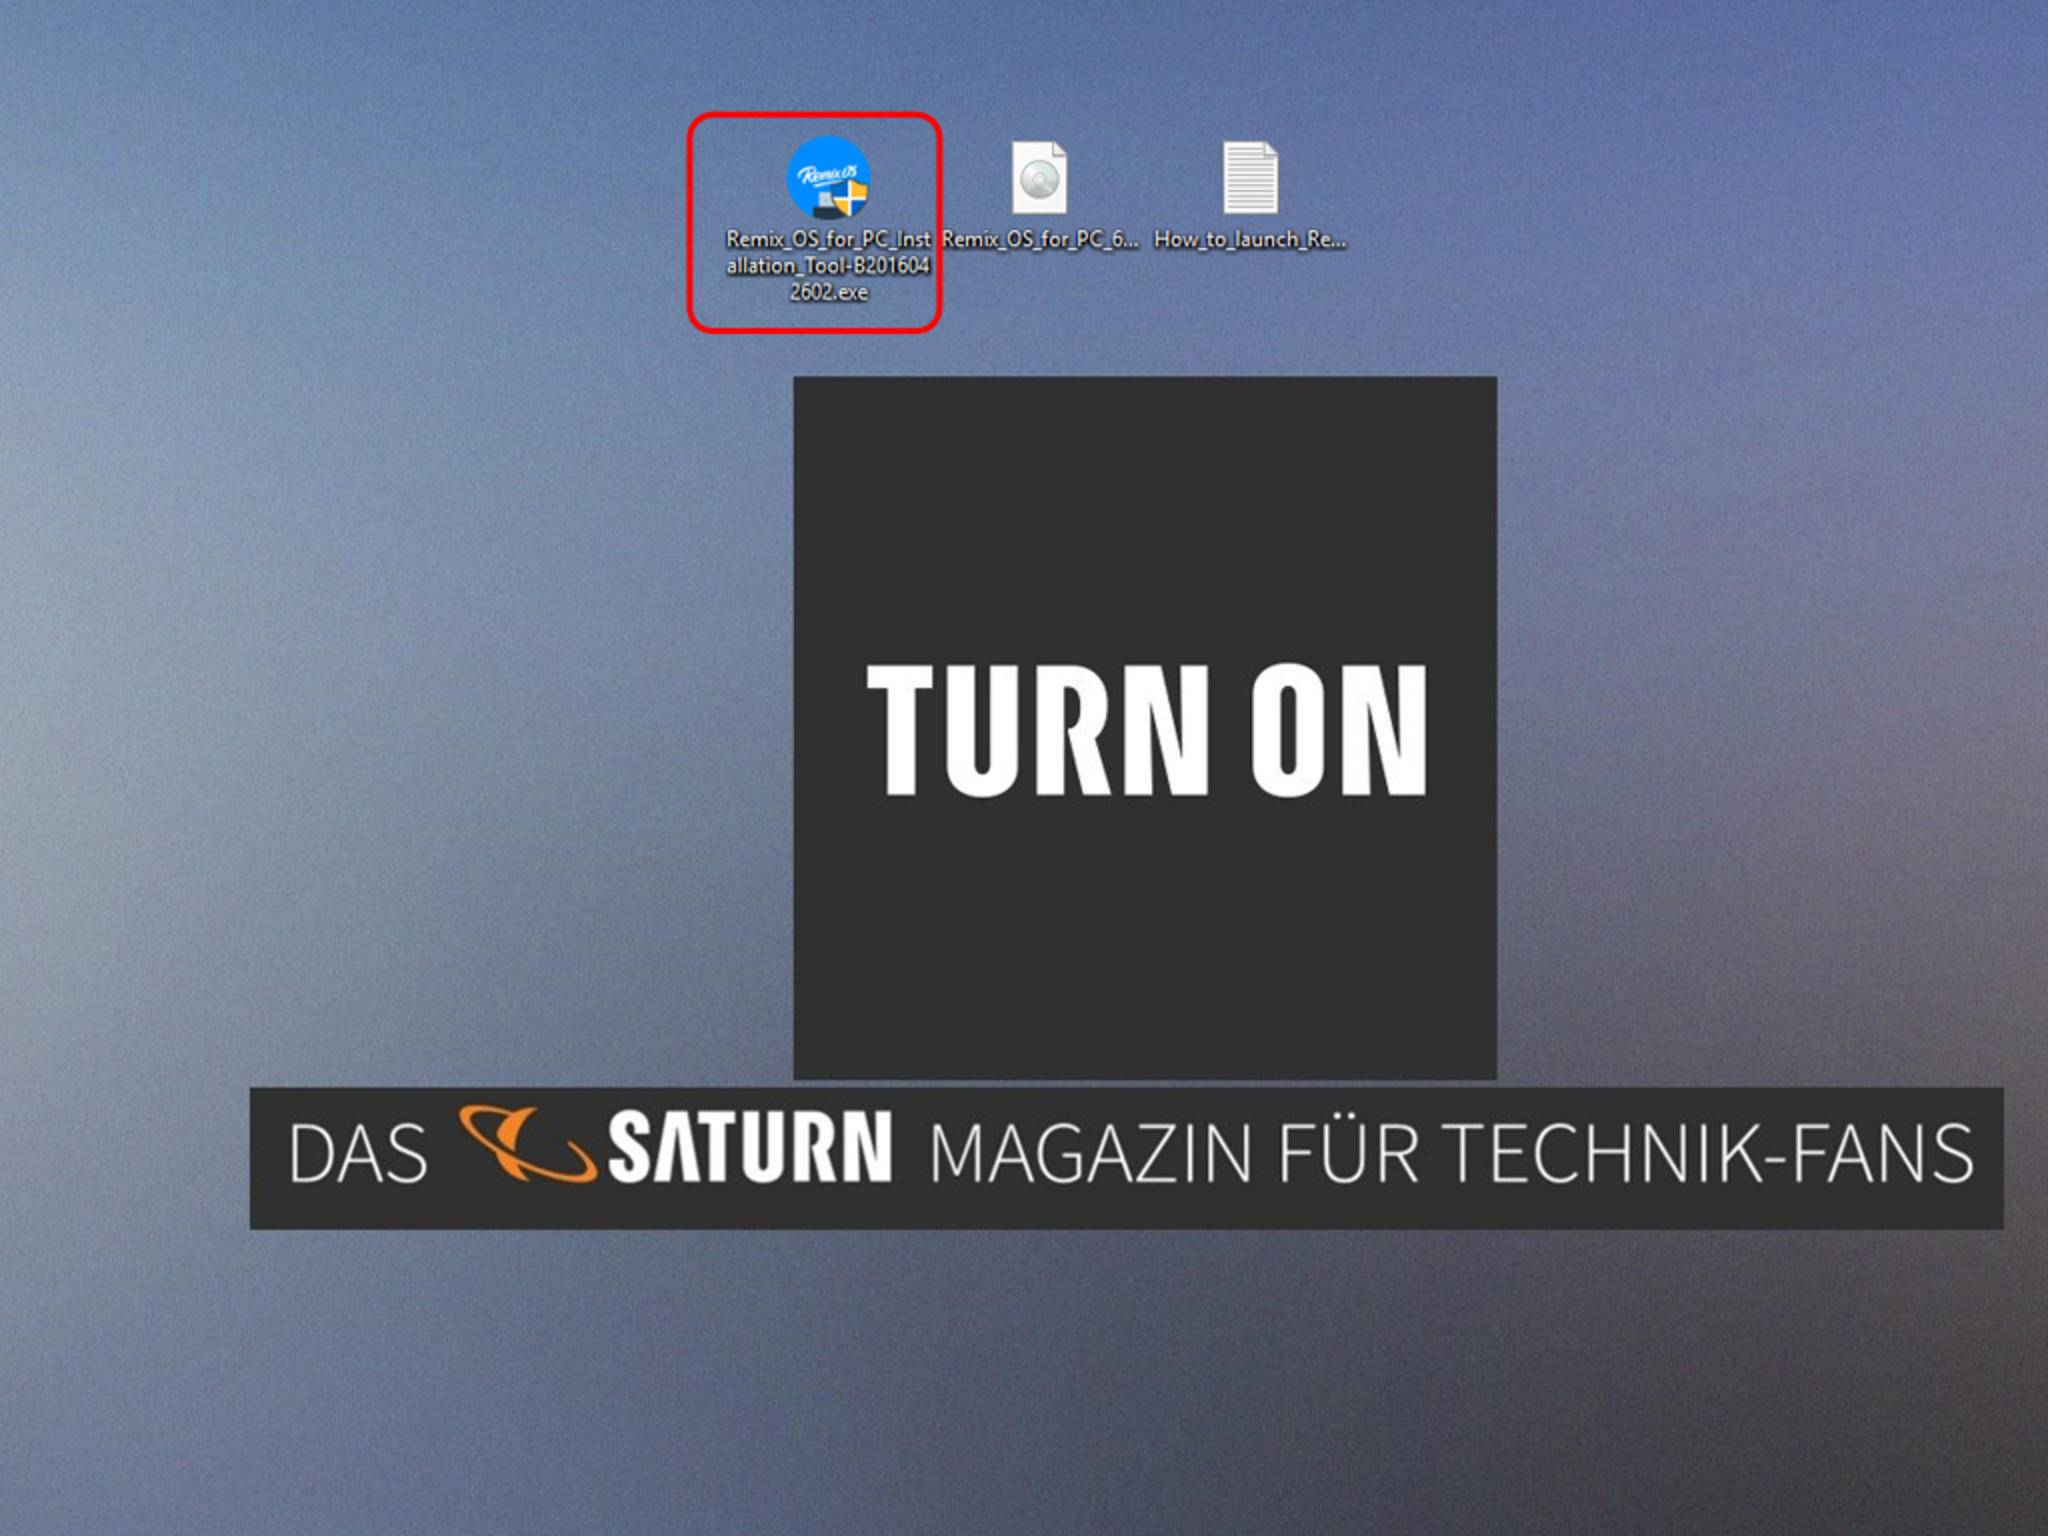 Wenn Du Remix OS für PC auf dem Desktop entpackt hast, startest Du zuerst die Installationsdatei per Doppelklick ...